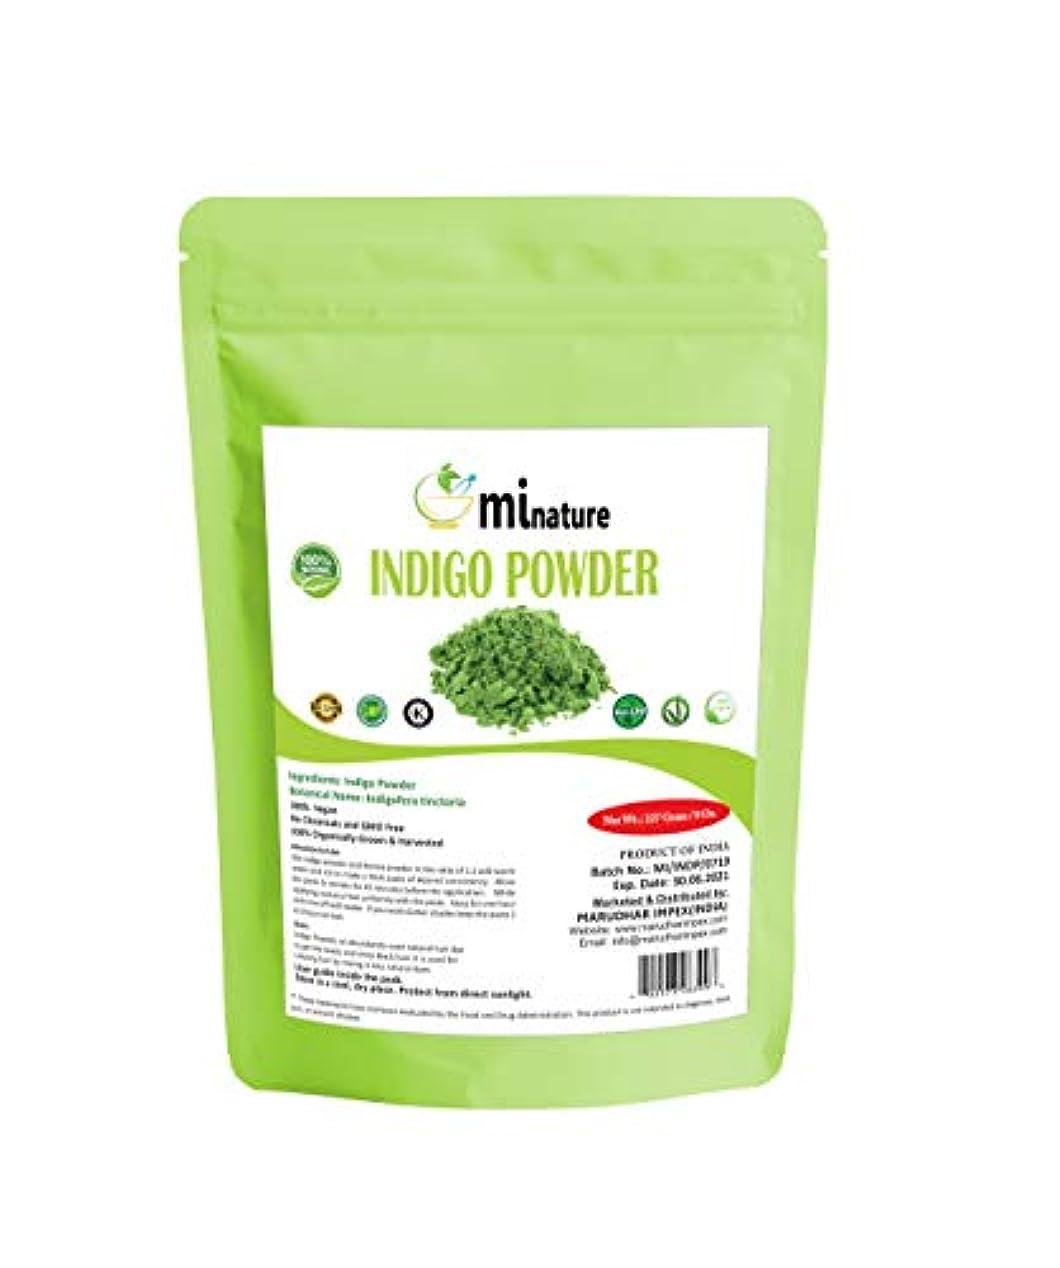 アクセサリー降臨犬mi nature Indigo Powder -INDIGOFERA TINCTORIA ,(100% NATURAL , ORGANICALLY GROWN ) 1/2 LB (227 grams) RESEALABLE...